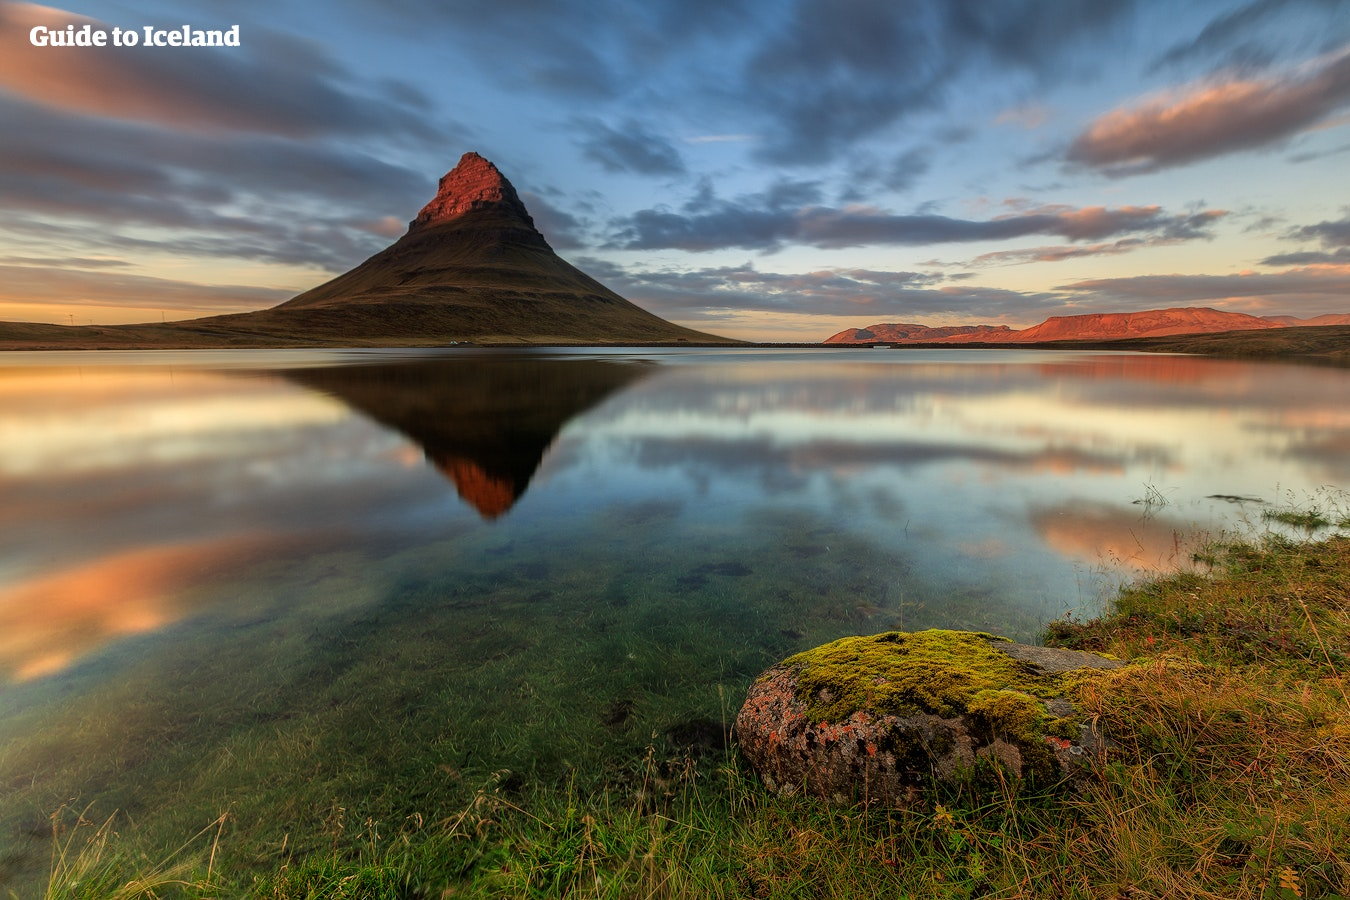 Kirkjufell ist der am häufigsten fotografierte Berg Islands, du findest ihn in der Nähe der Stadt Grundarfjördur.